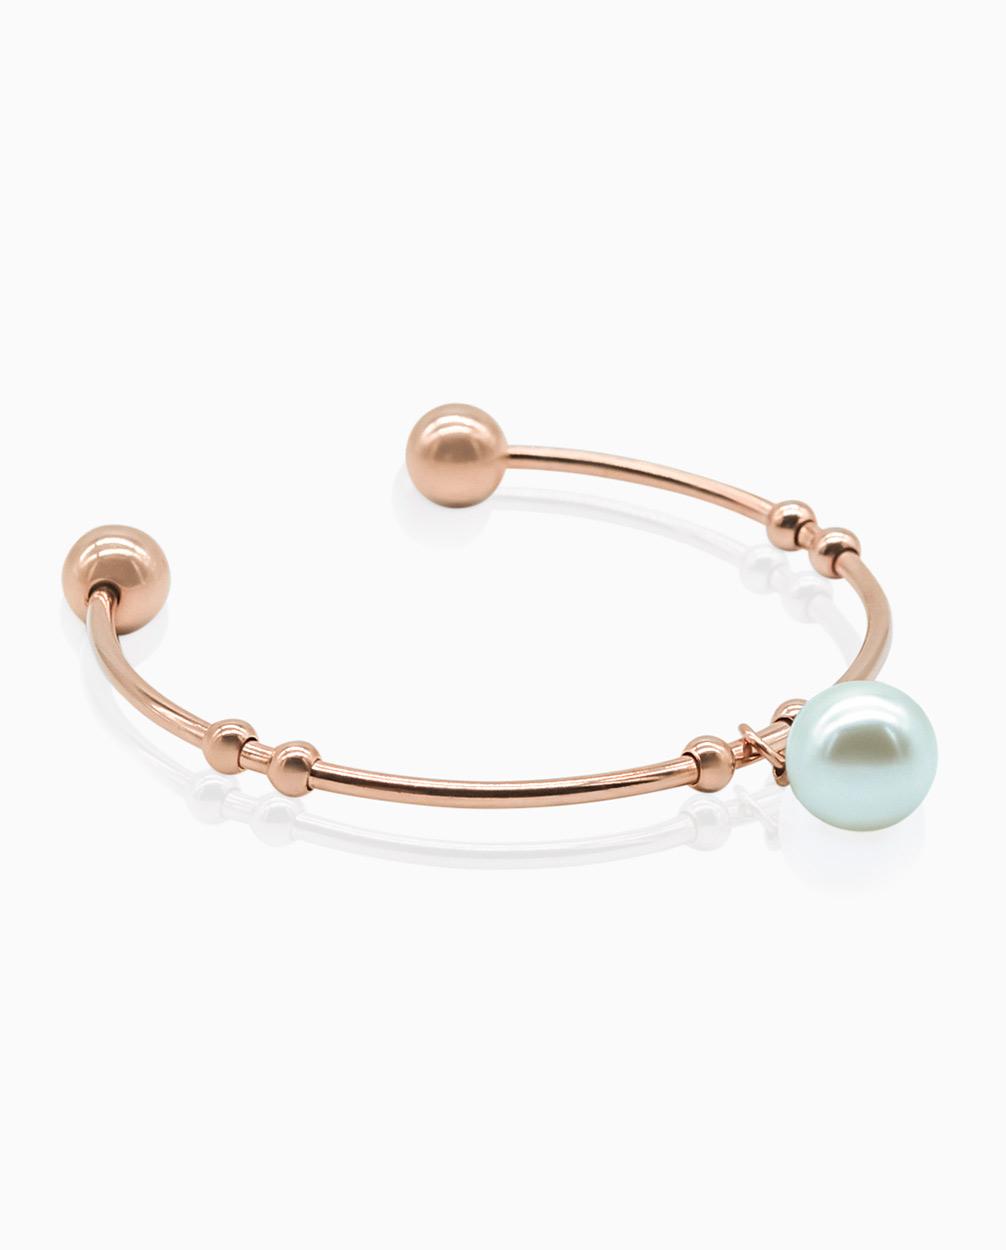 Womens-Pearl-Cuff-Bracelet-Jewellery